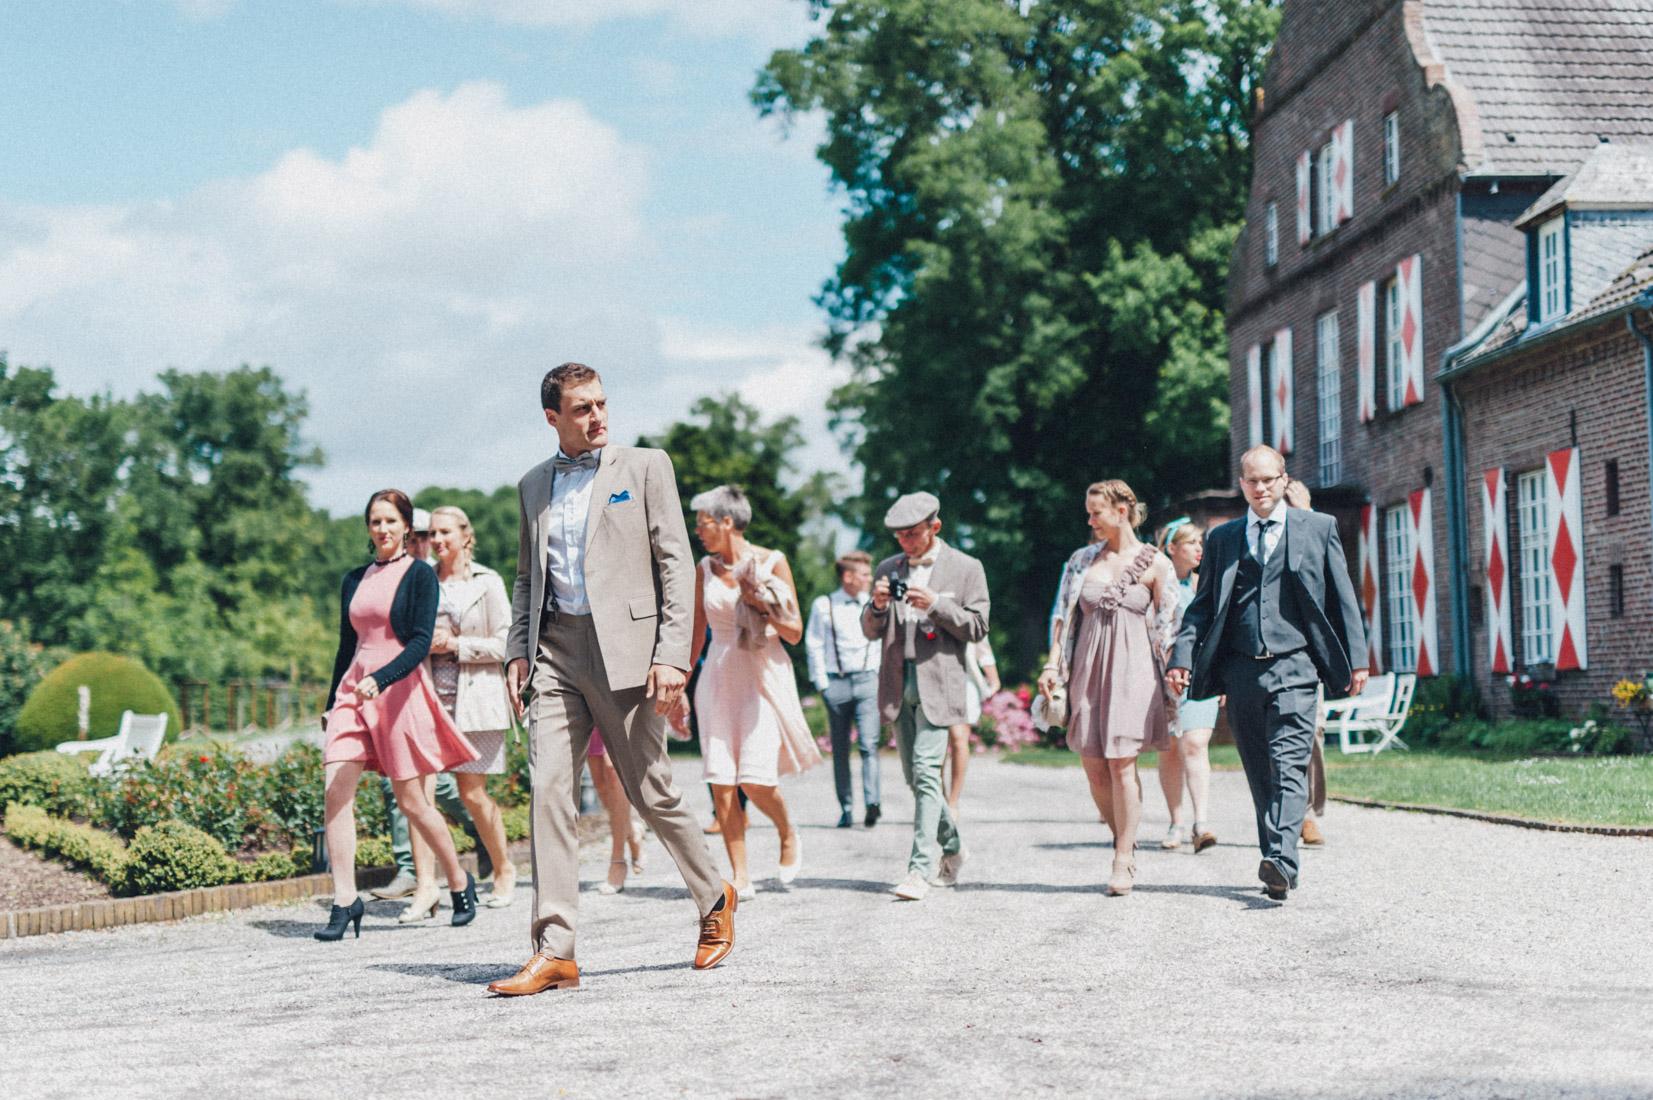 pastel-vintage-hertefeld-52 hochzeitsfotograf schloss hertefeldGalina & Robert DIY Pastel Vintage Hochzeit auf Schloss Hertefeldpastel vintage hertefeld 52